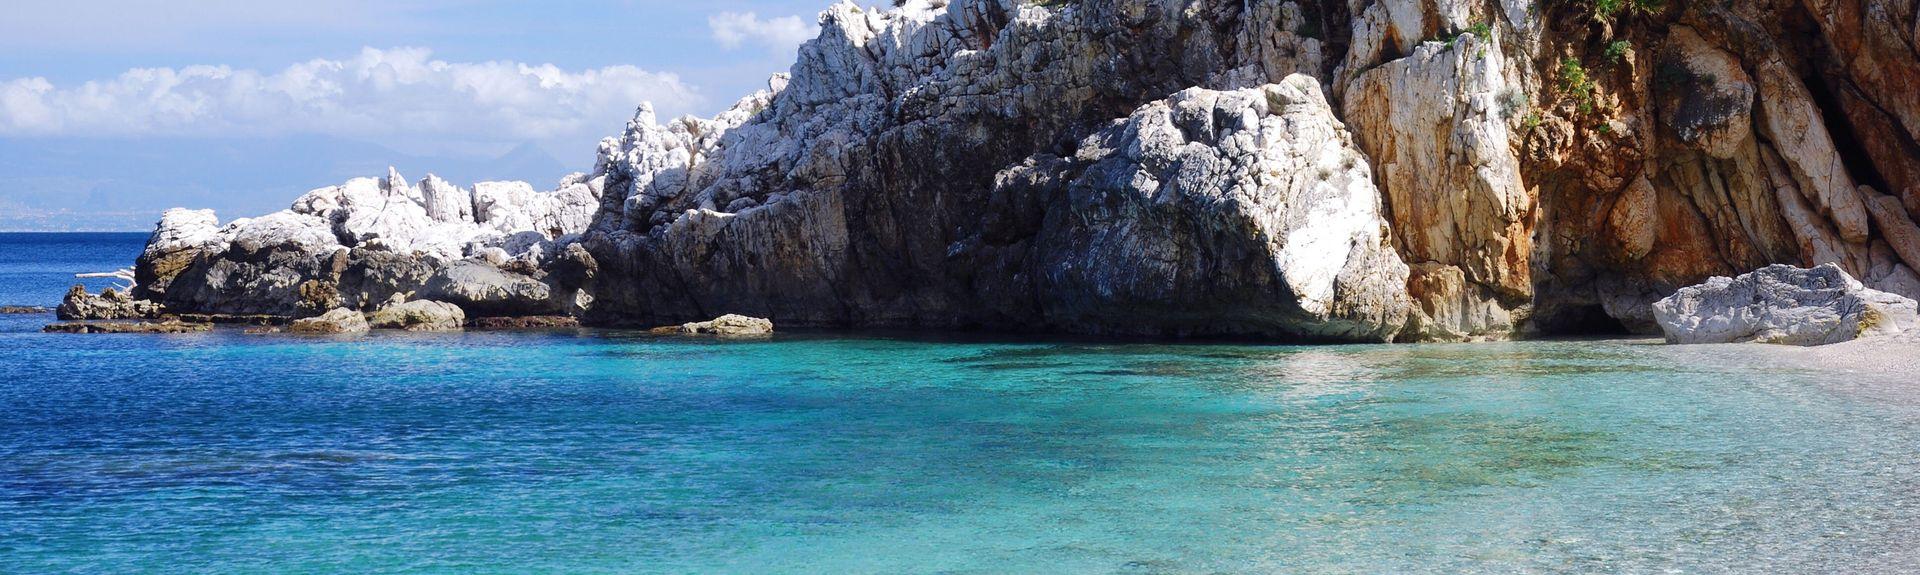 Castellammare del Golfo, Sicile, Italie